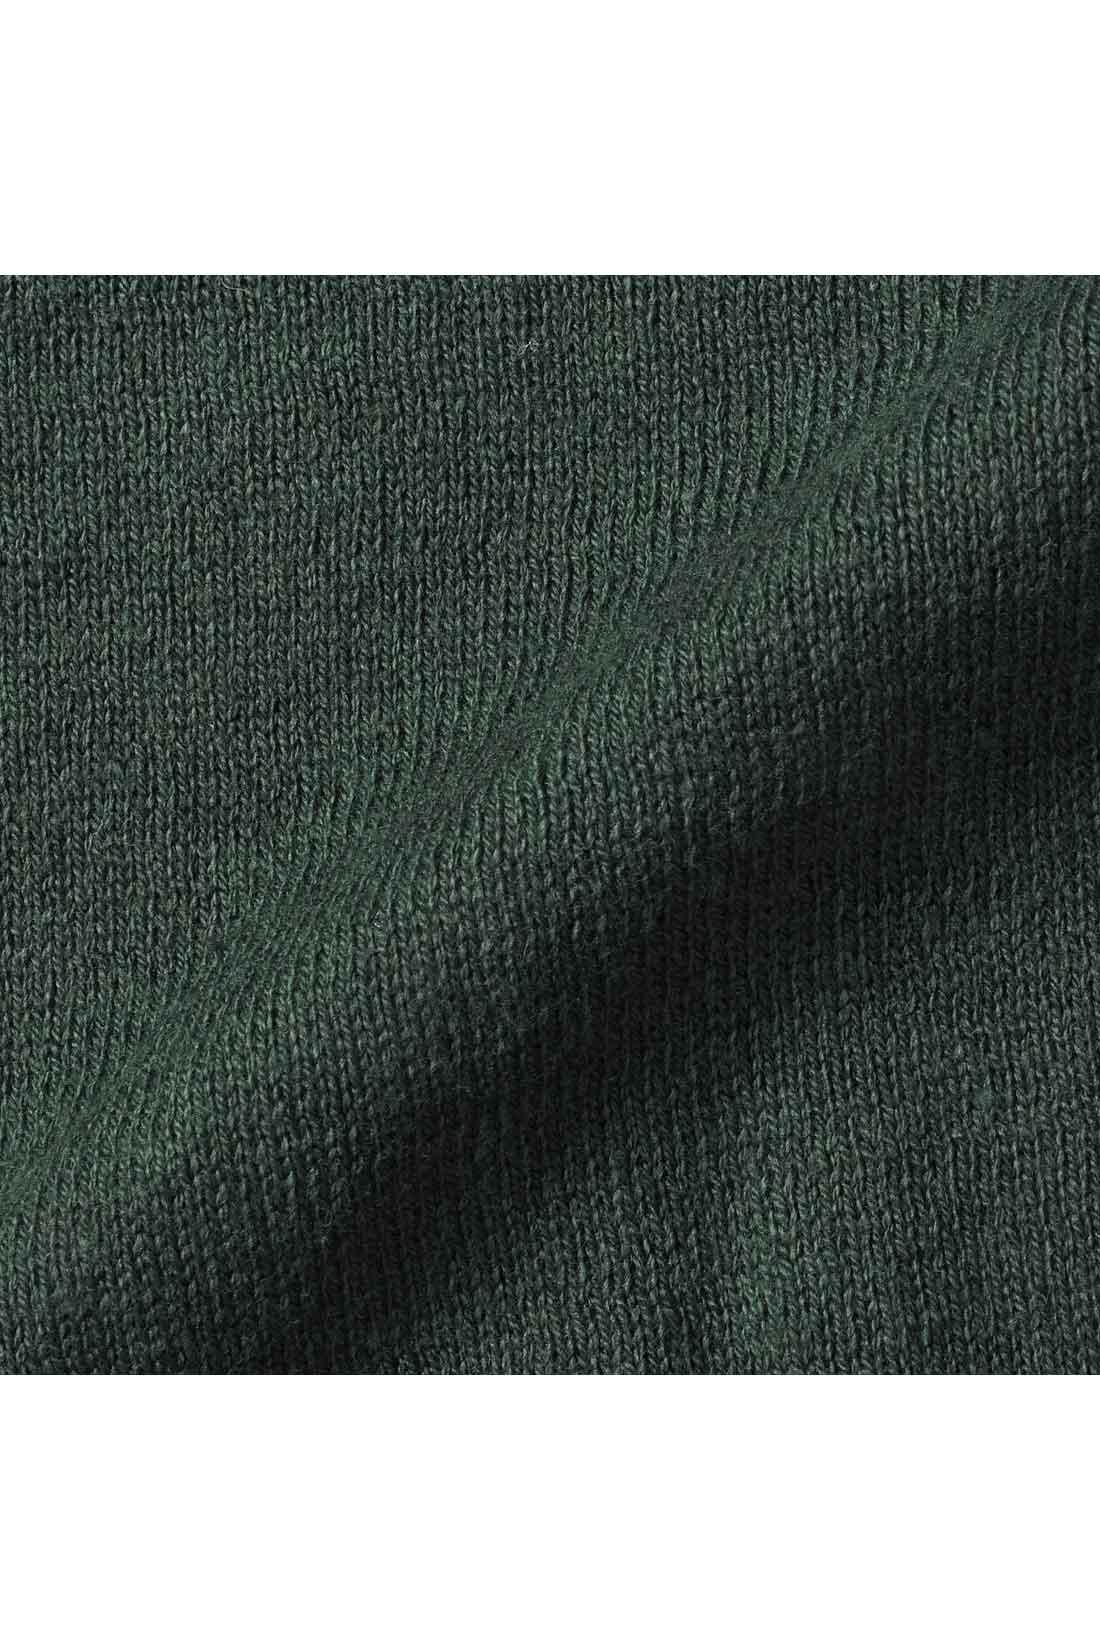 オーガニックコットン100%のハイゲージニットは、きれいめな印象。